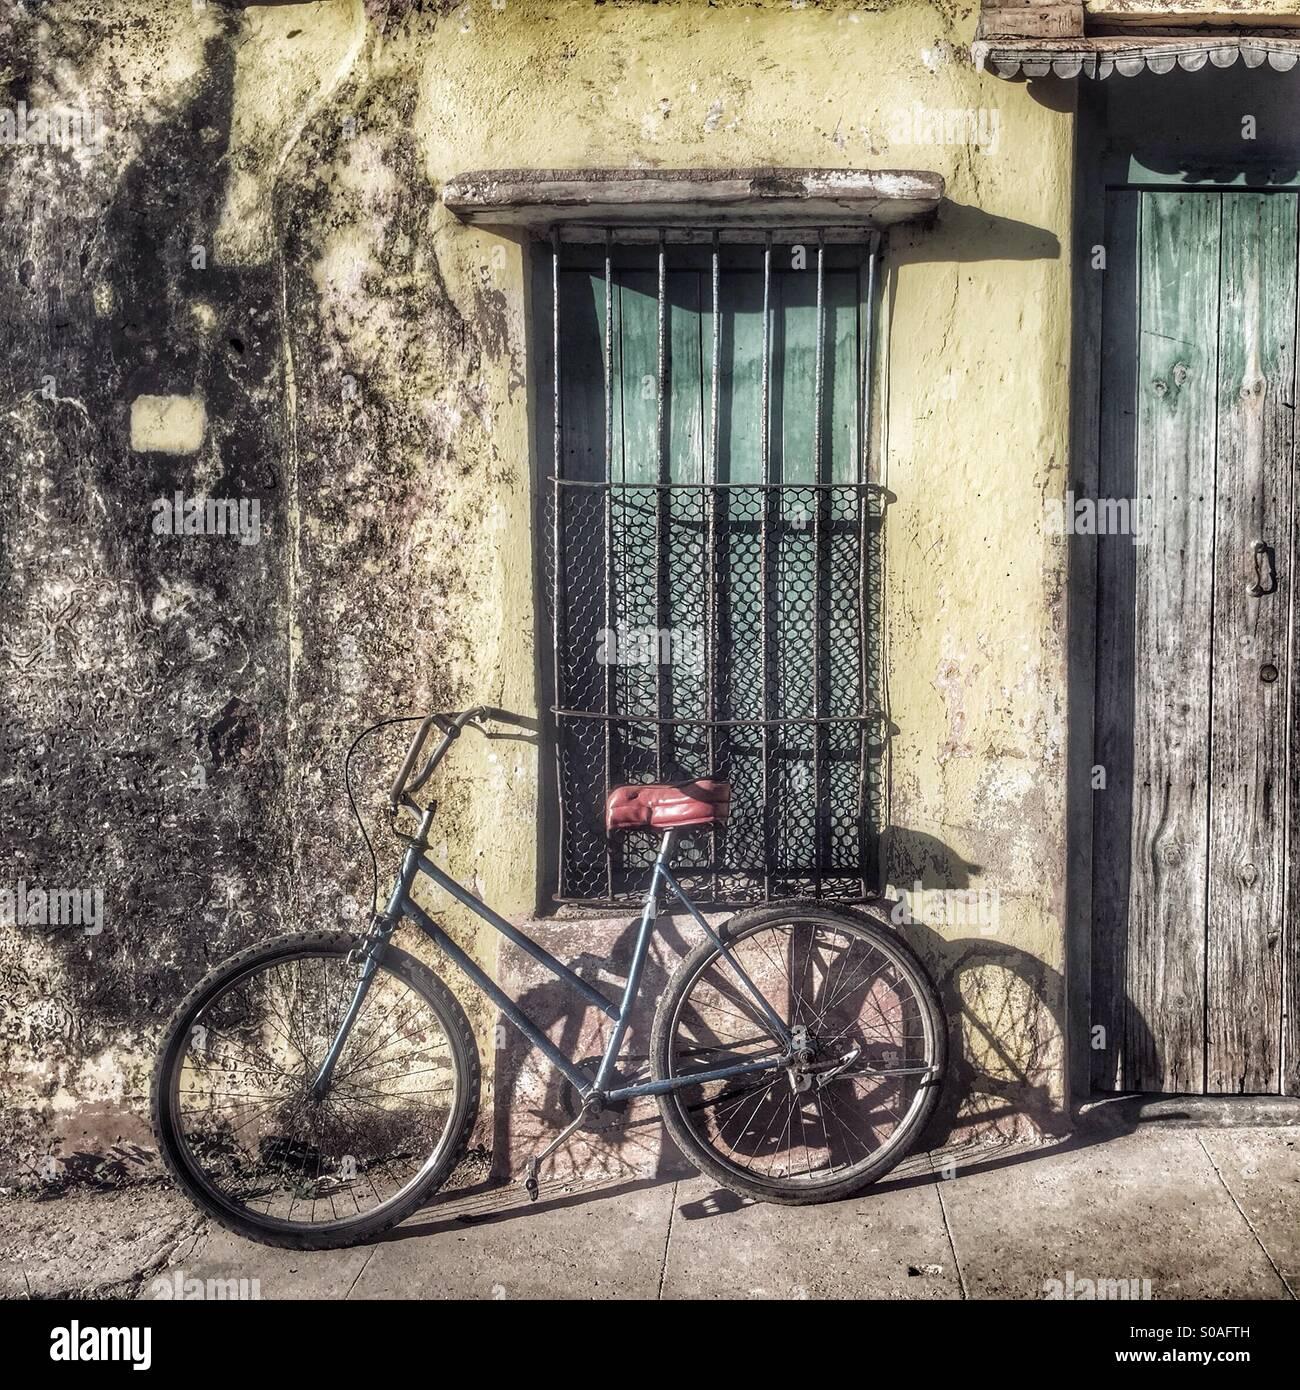 Bicicletta e pendente getta un' ombra contro un sudicio parzializzato finestra proprietà murata. Trinidad Immagini Stock